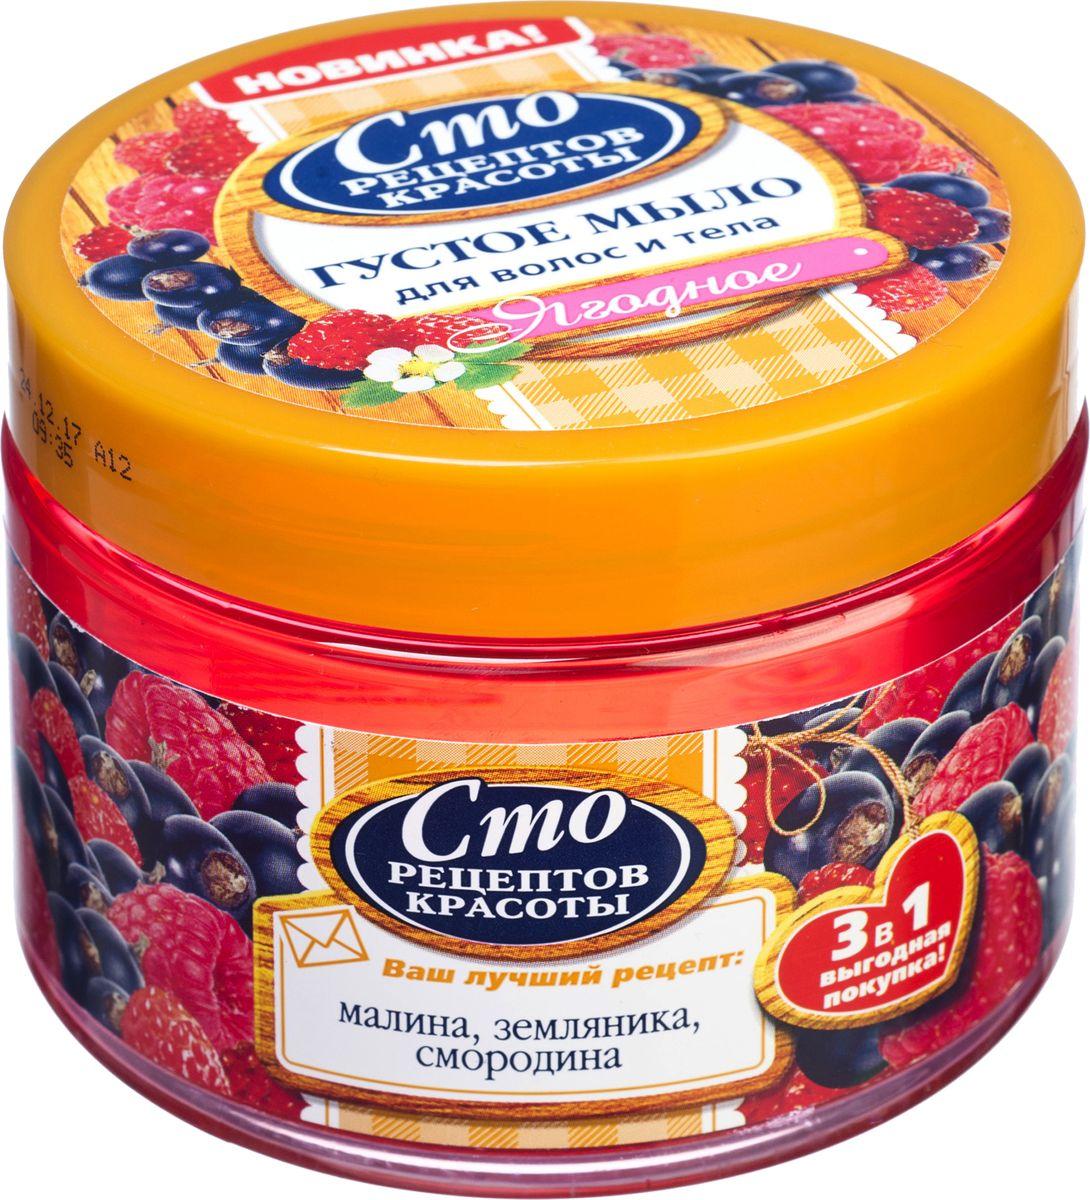 Сто рецептов красоты Густое мыло Ягодное 400 мл9Существует множество домашних рецептов мыловарения, которые использовалиженщины, обогащая мыло полезными маслами, ягодами и травами. Ваши лучшиерецепты домашнего мыловарения мы воплотили в густом мыле Ягодное, котороеявляется универсальным средством по уходу за волосами, кожей рук и тела.Онобережно ухаживает за Вашими волосами, идеально очищает кожу и при этомне сушит ее. Густое мыло Сто рецептов красоты с малиной, земляникой и смородиной - это выгодная покупка универсального средства для очищения!